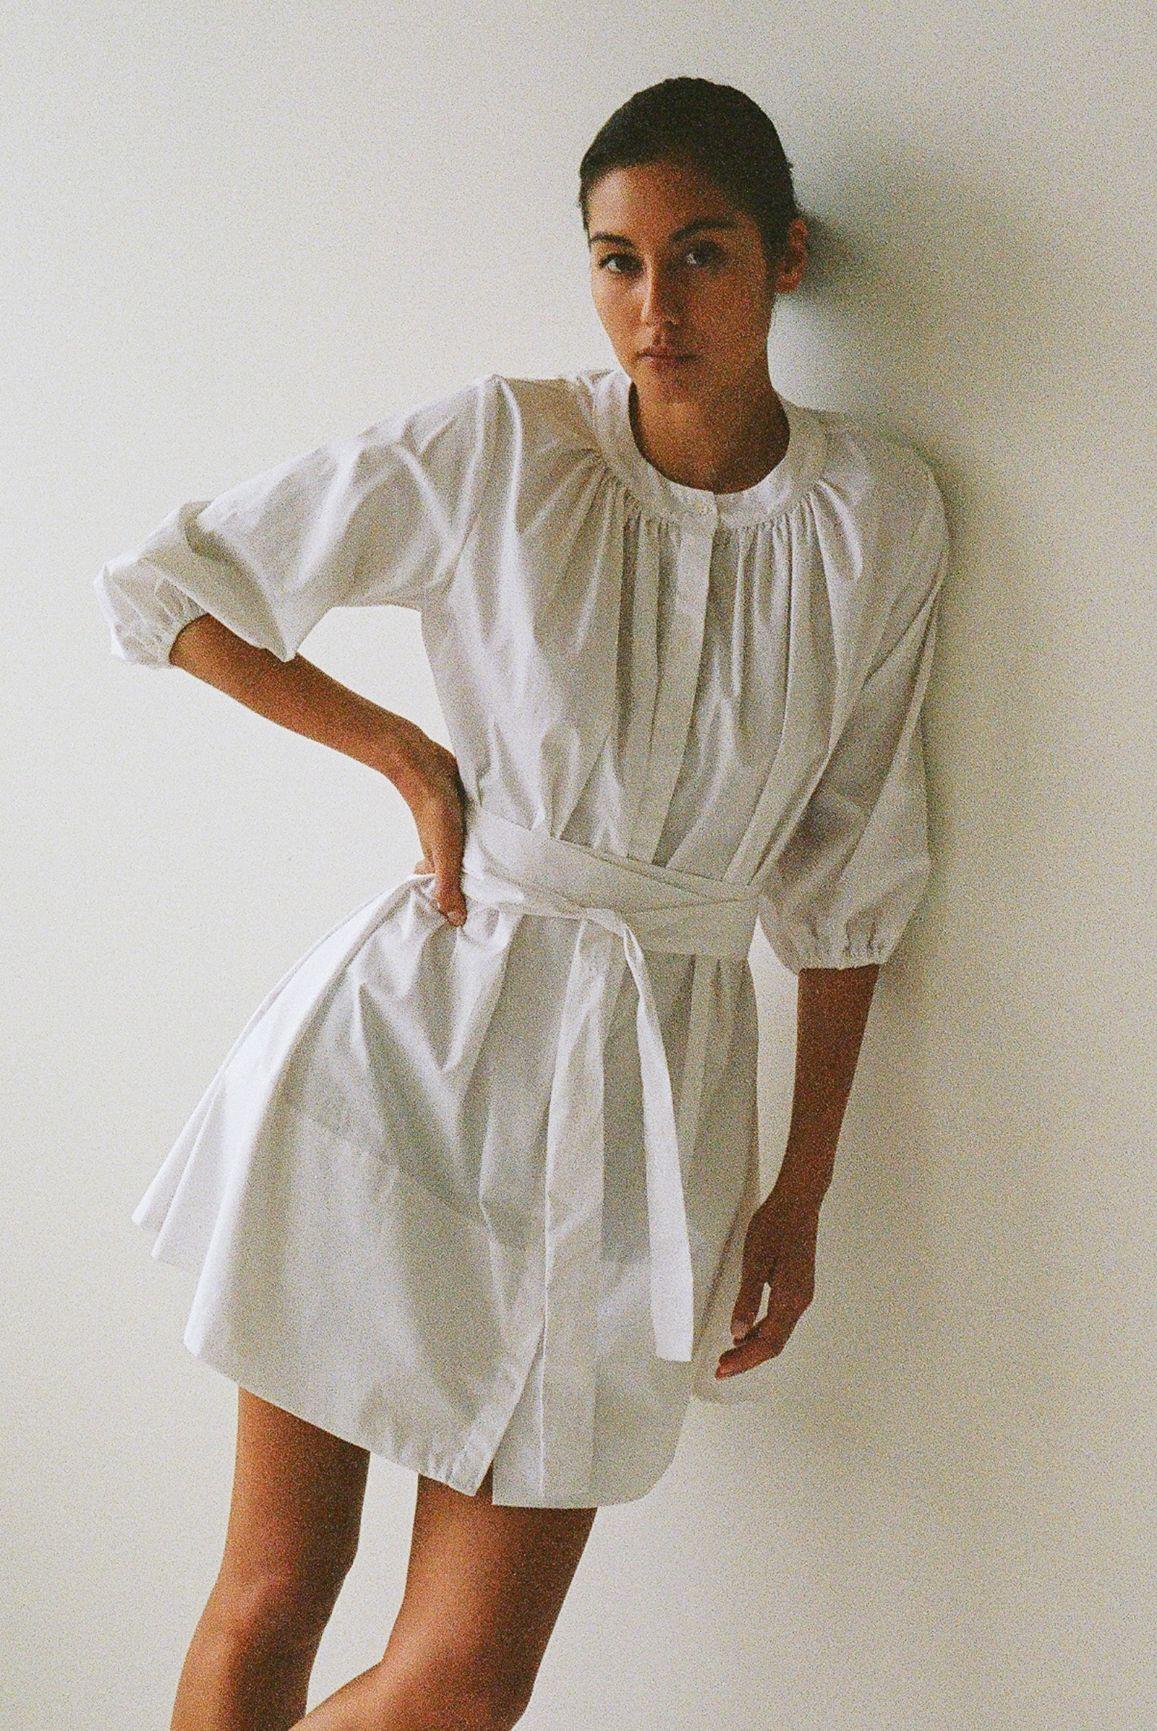 Bud dress - Ellis Label - Cotton poplin - Made to order design_0034_83120029